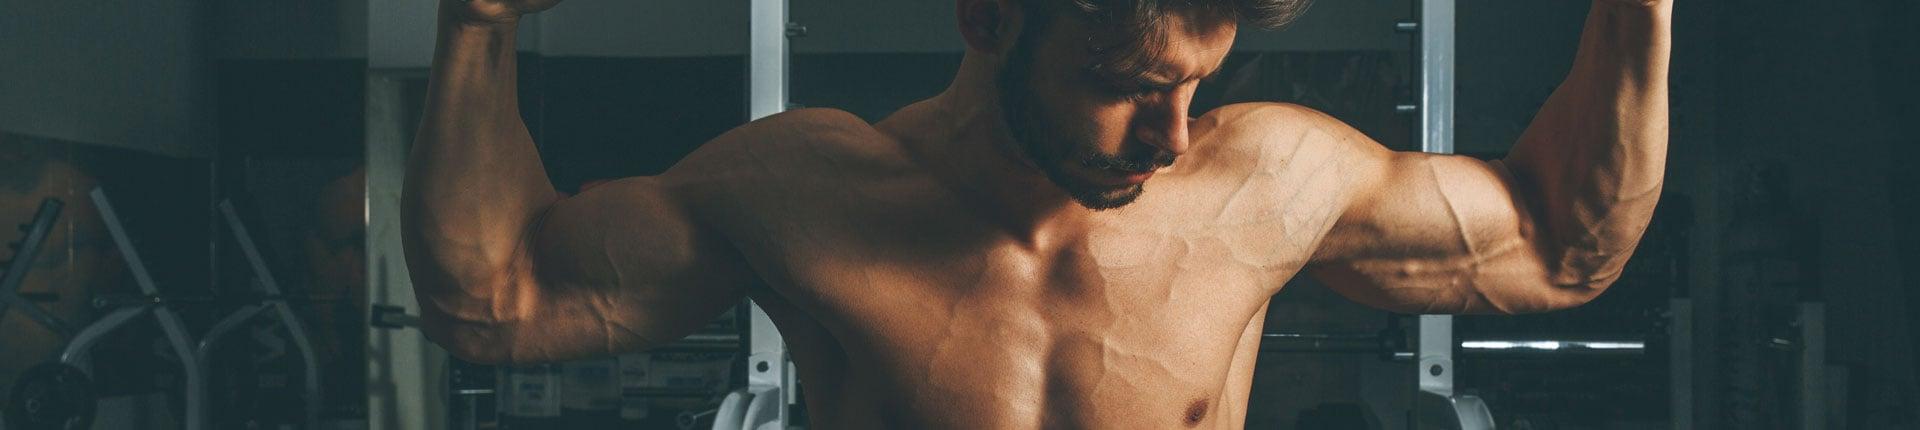 Niski poziom testosteronu? Sprawdź, ile się ruszasz!